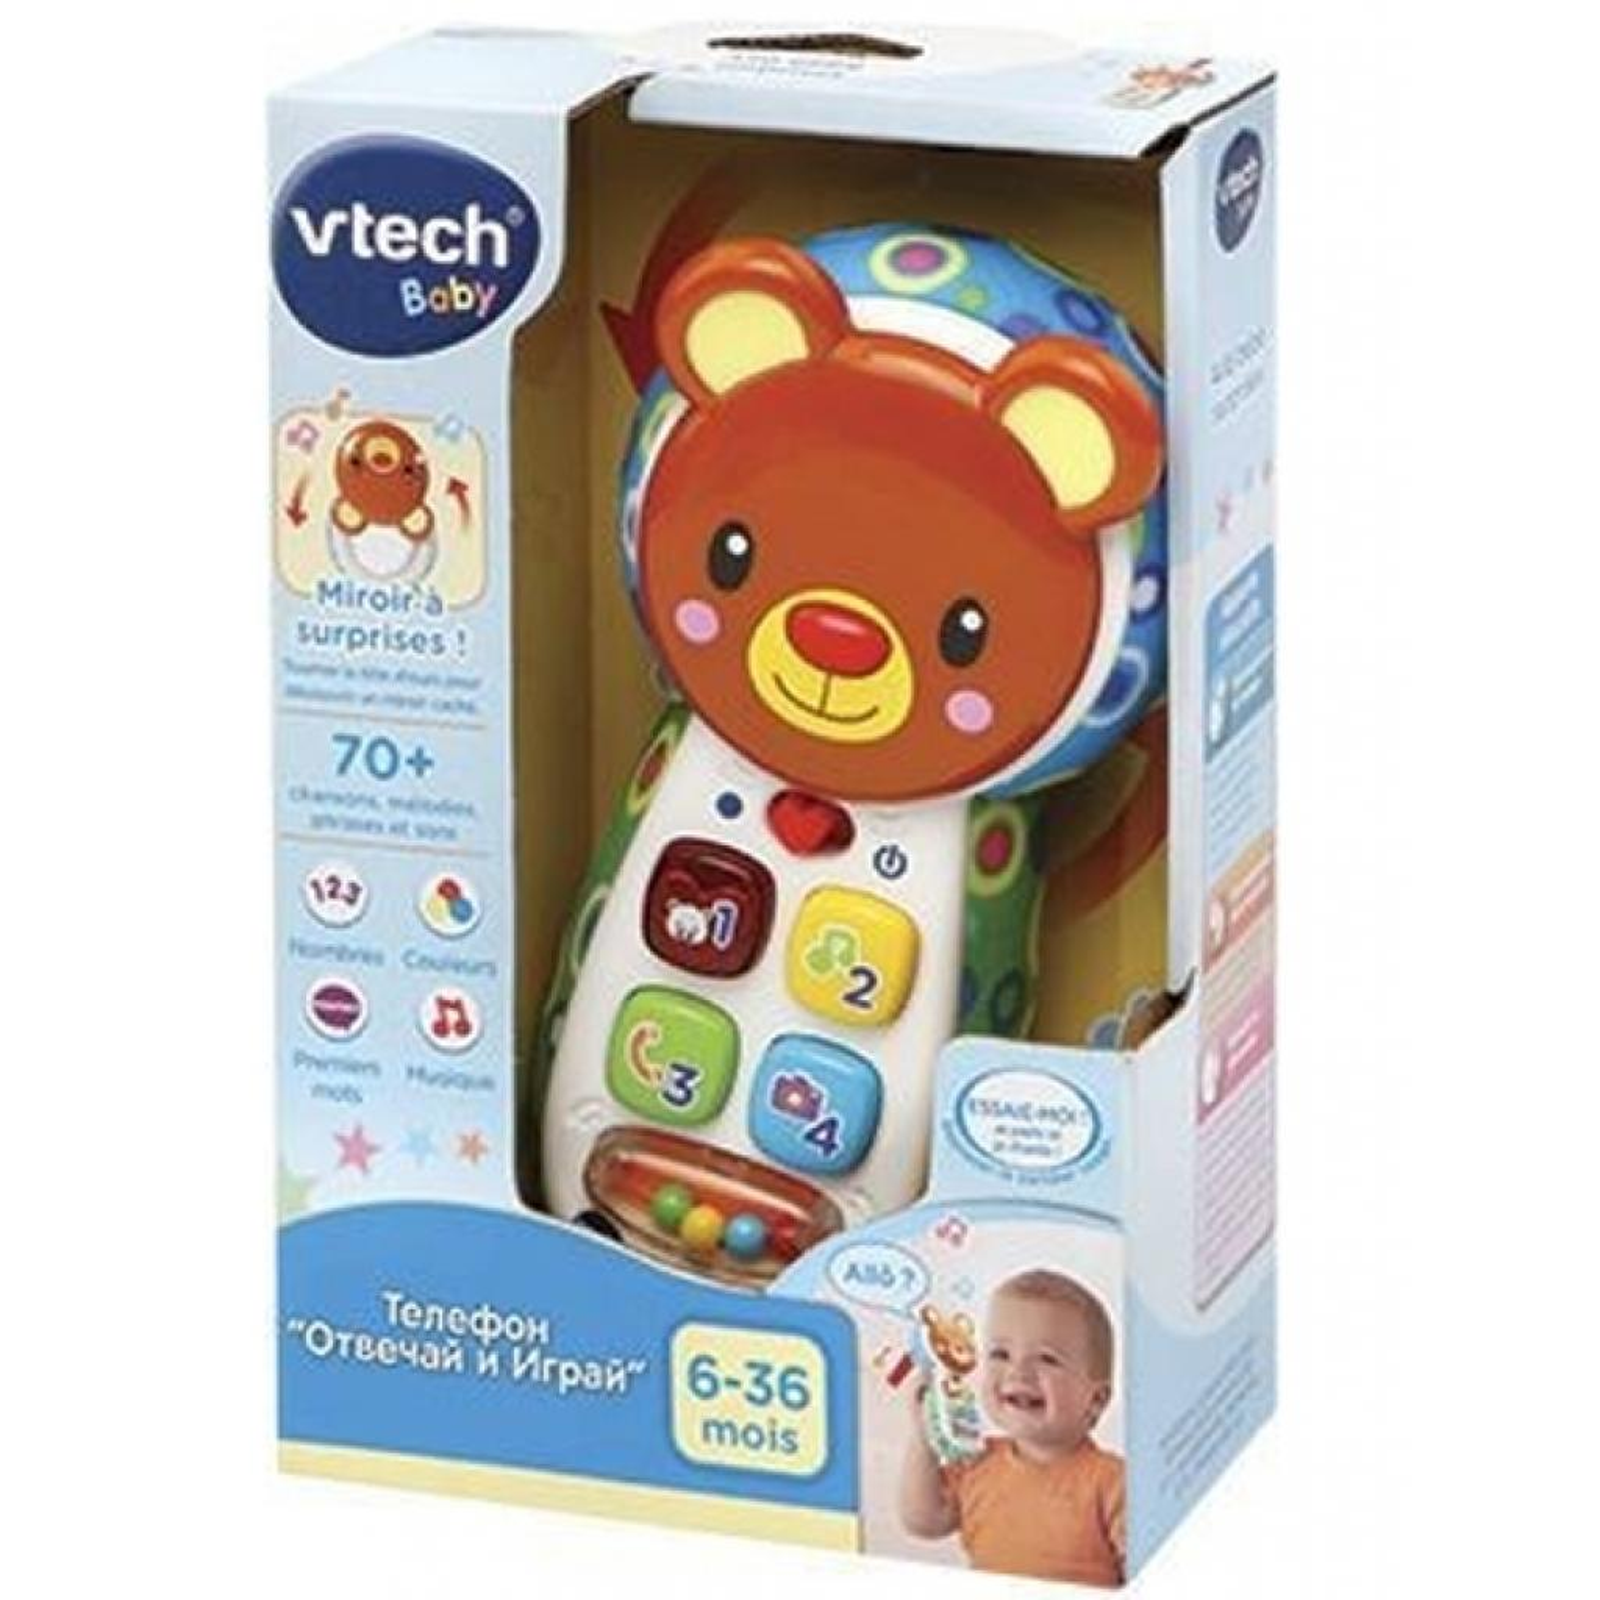 Развивающая игрушка VTech телефон Отвечай и играй со звуковыми эффектами (80-502726) изображение 6